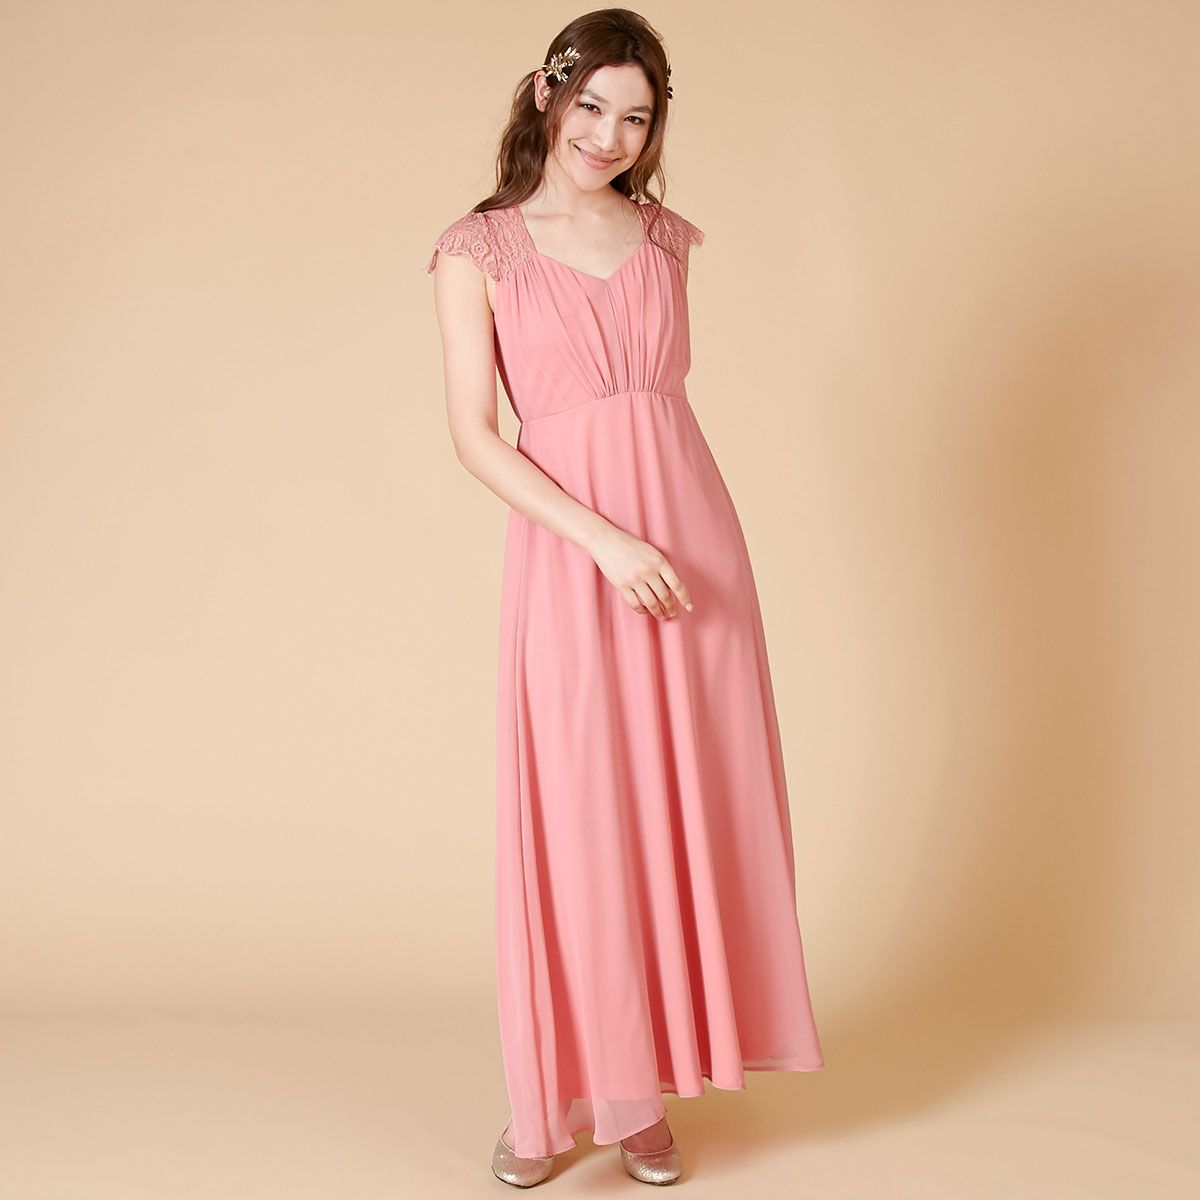 11dc88347a477 レースとシフォンのコンビネーション・ブライズメイドドレス。 Bridesmaid ブライズメイド DRESSPEOPLE ドレスピープル pink